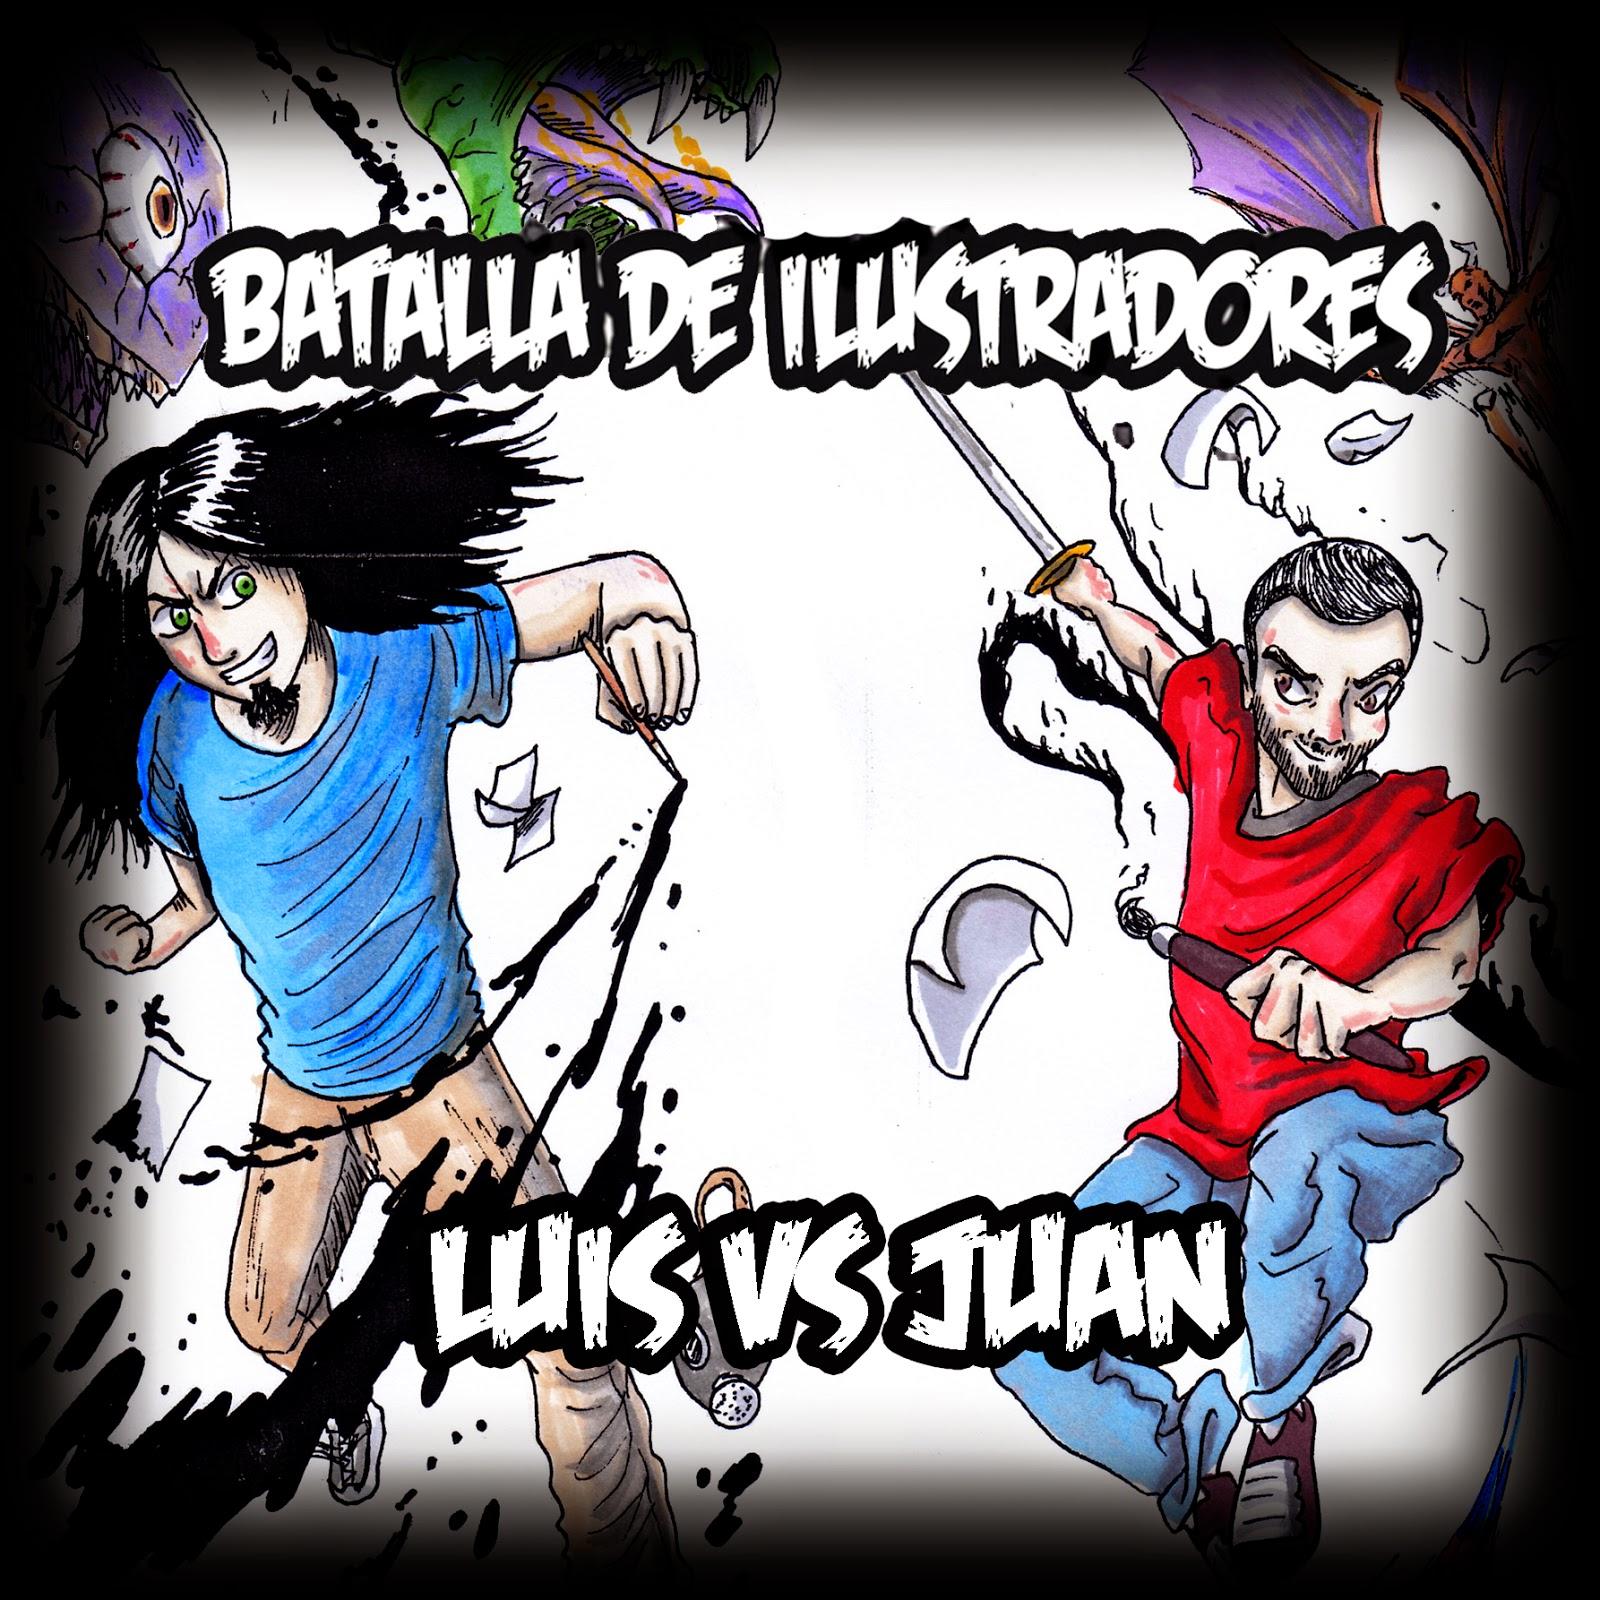 http://luisocs-comics.blogspot.com.es/p/batalla-de-ilustradores-luis-vs-juan.html